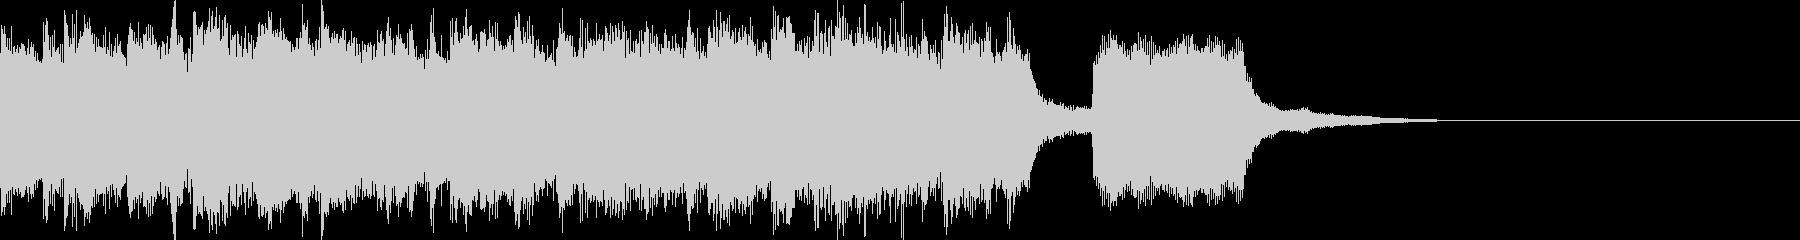 ほのぼのカワイイシンセポップジングルの未再生の波形